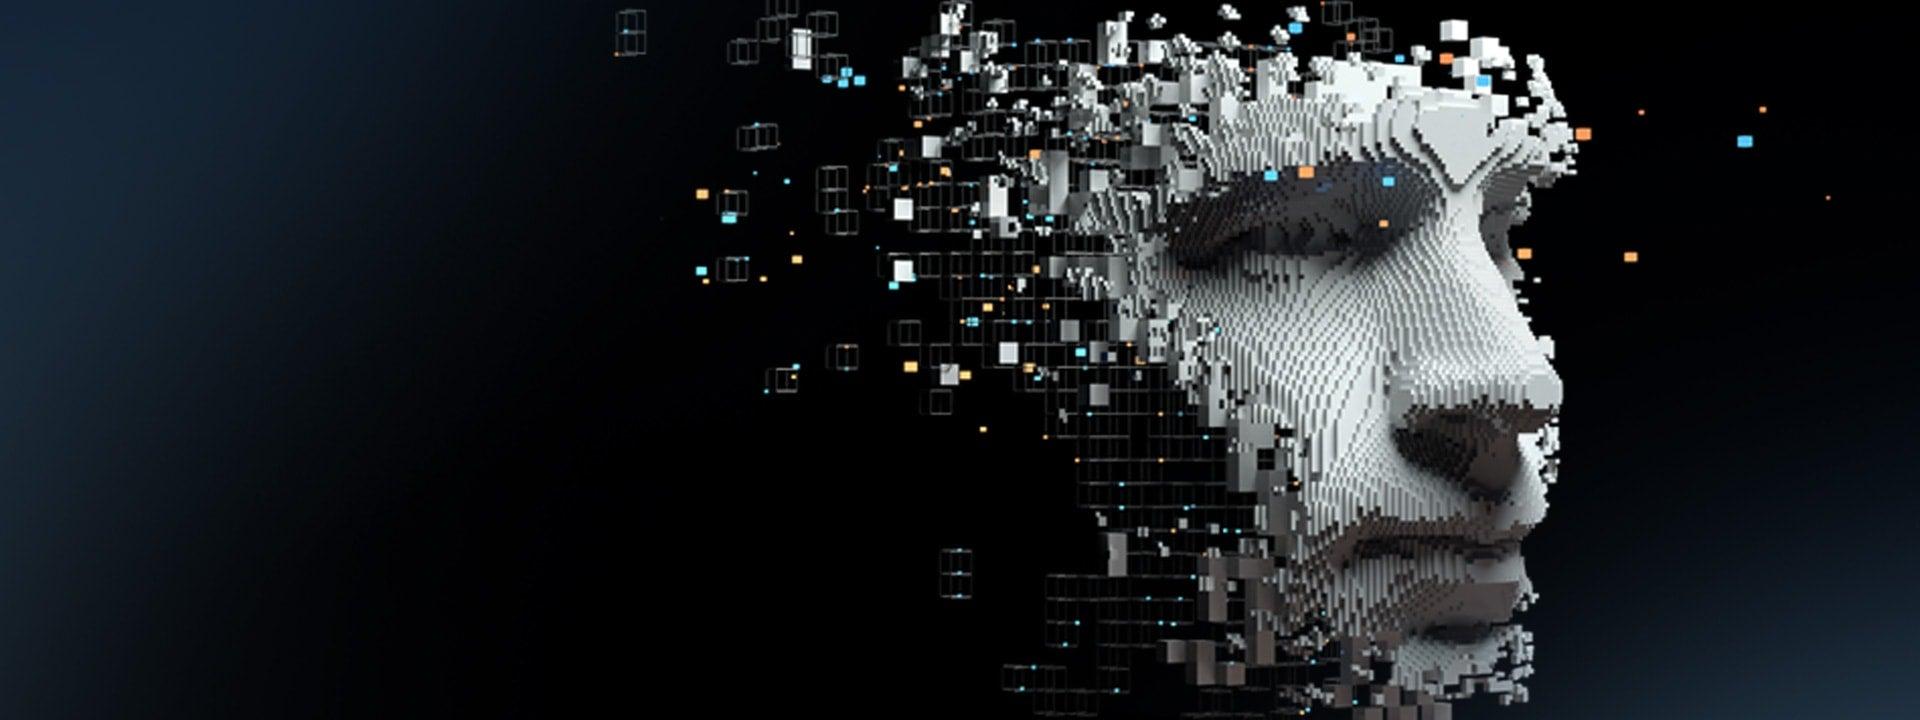 DataRobot Humans and AI Blog image BG v1.0